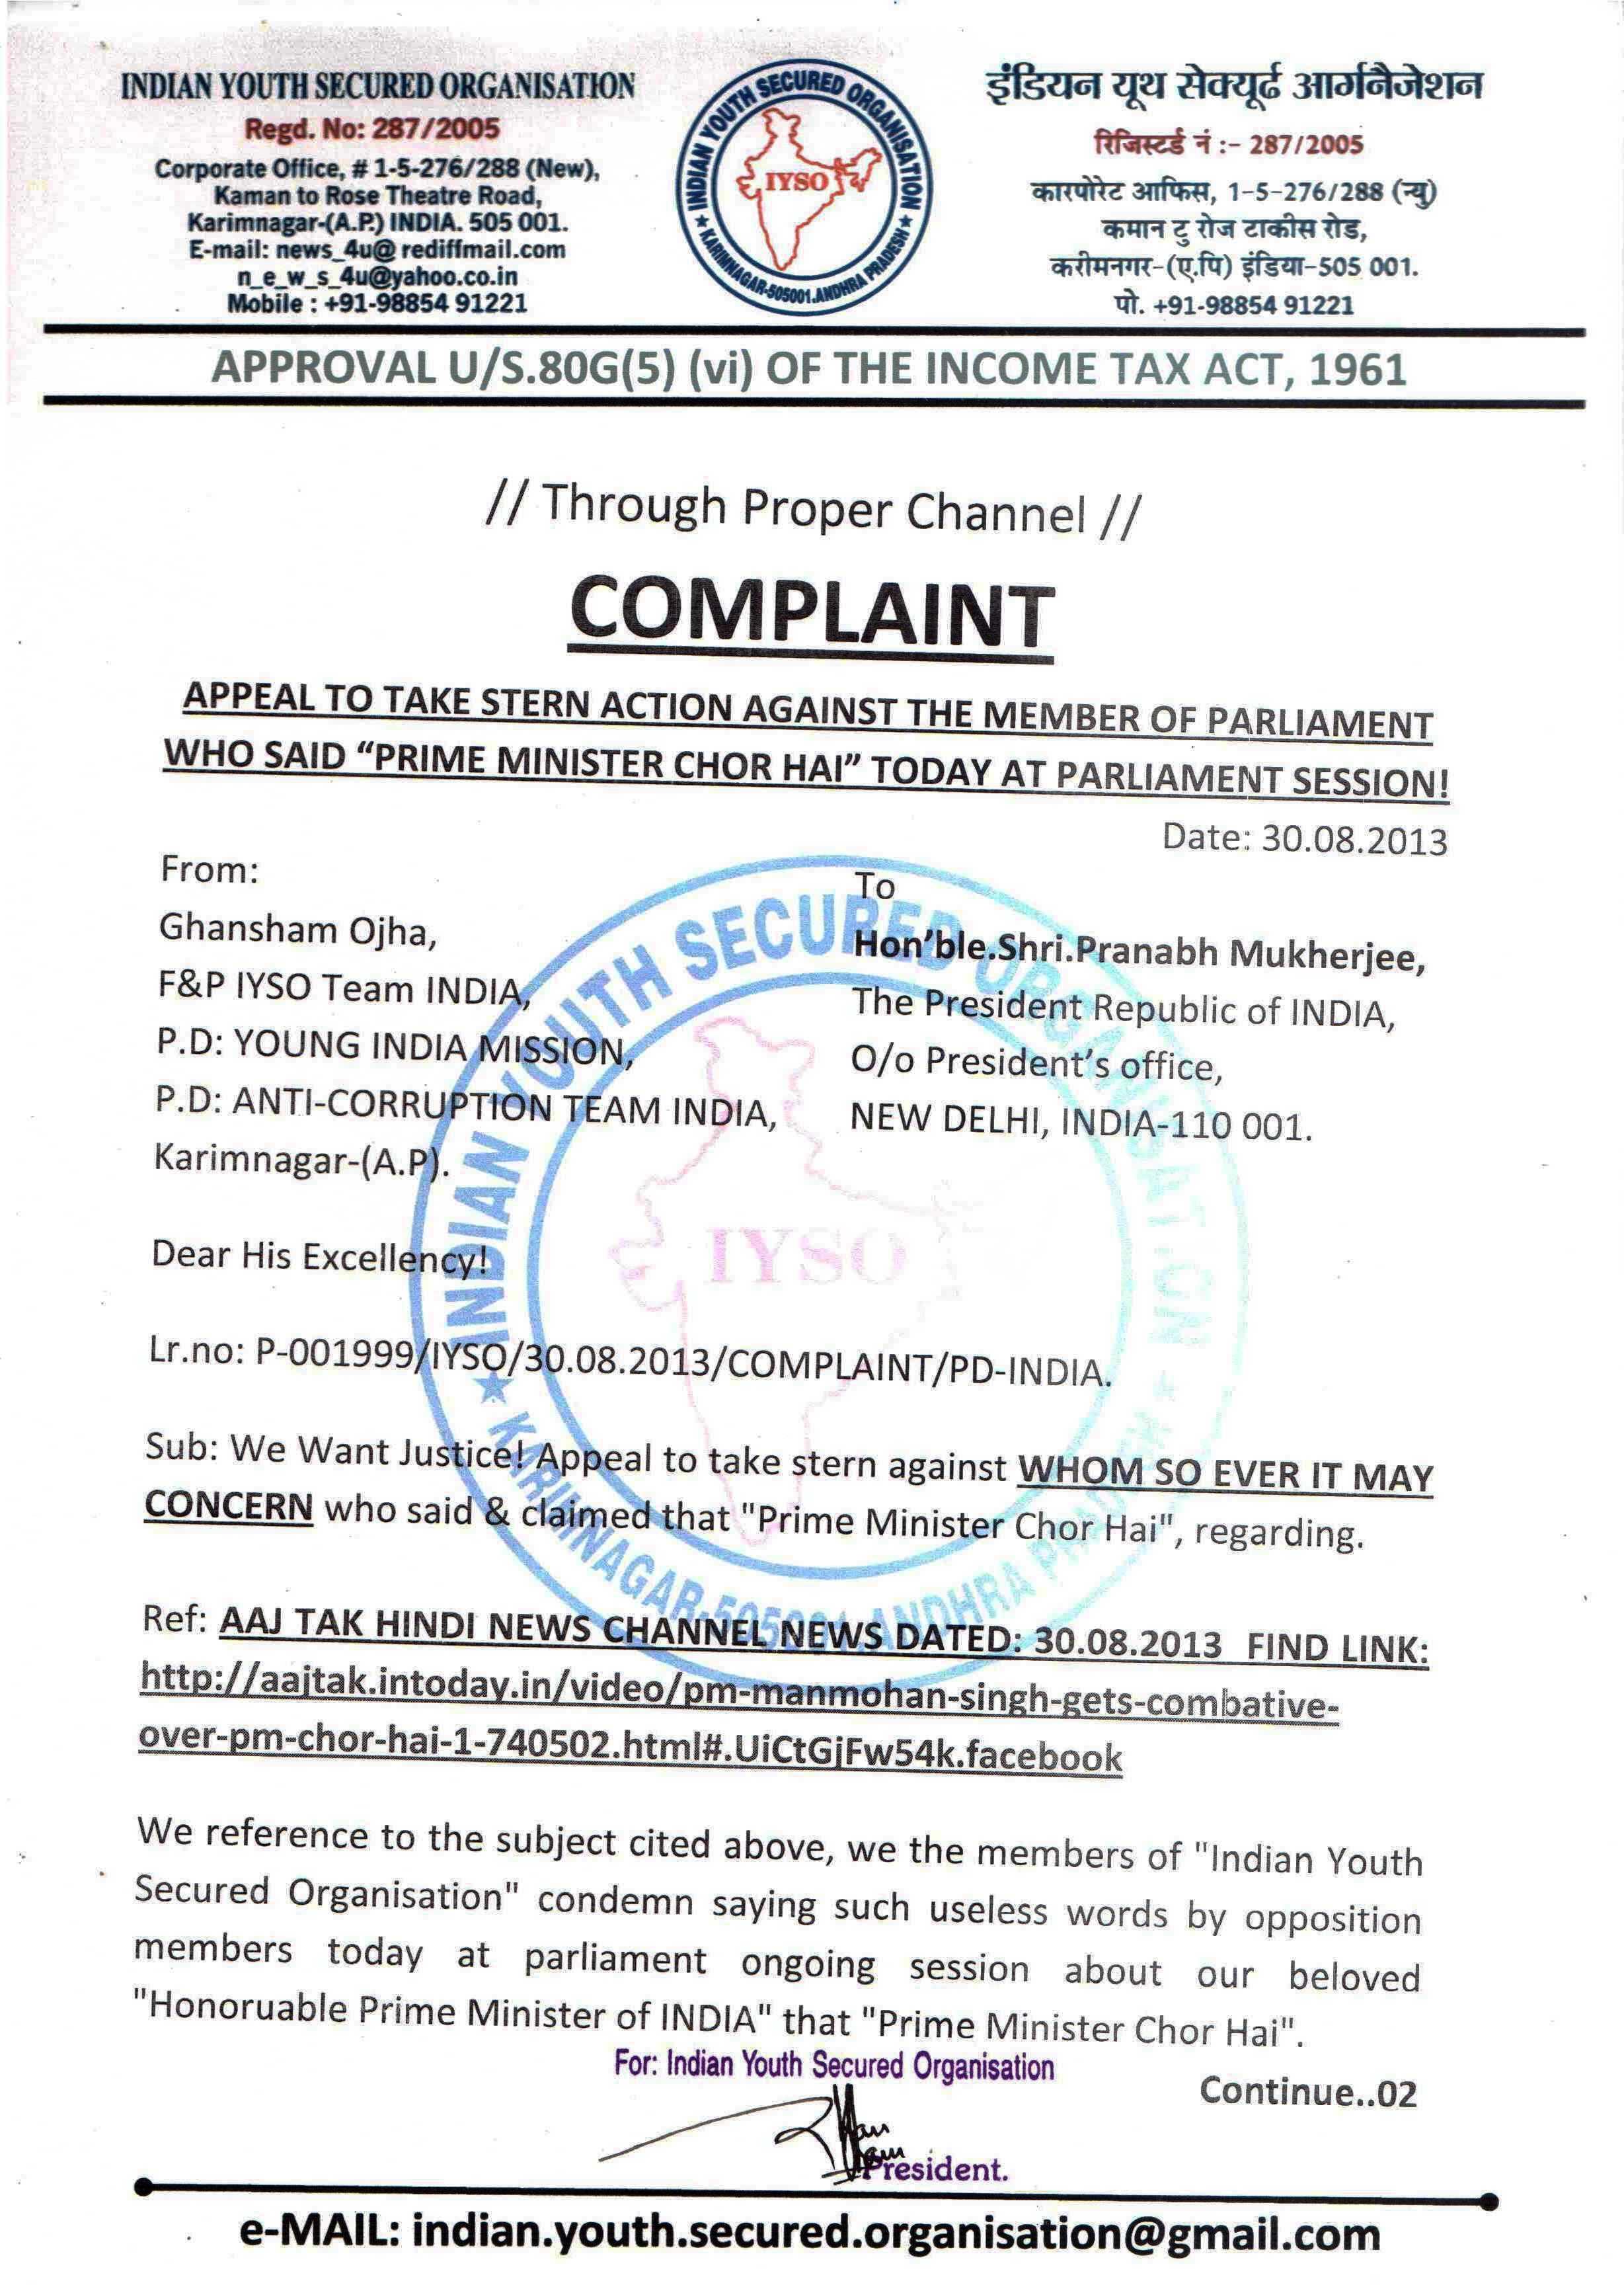 Appeal complaint